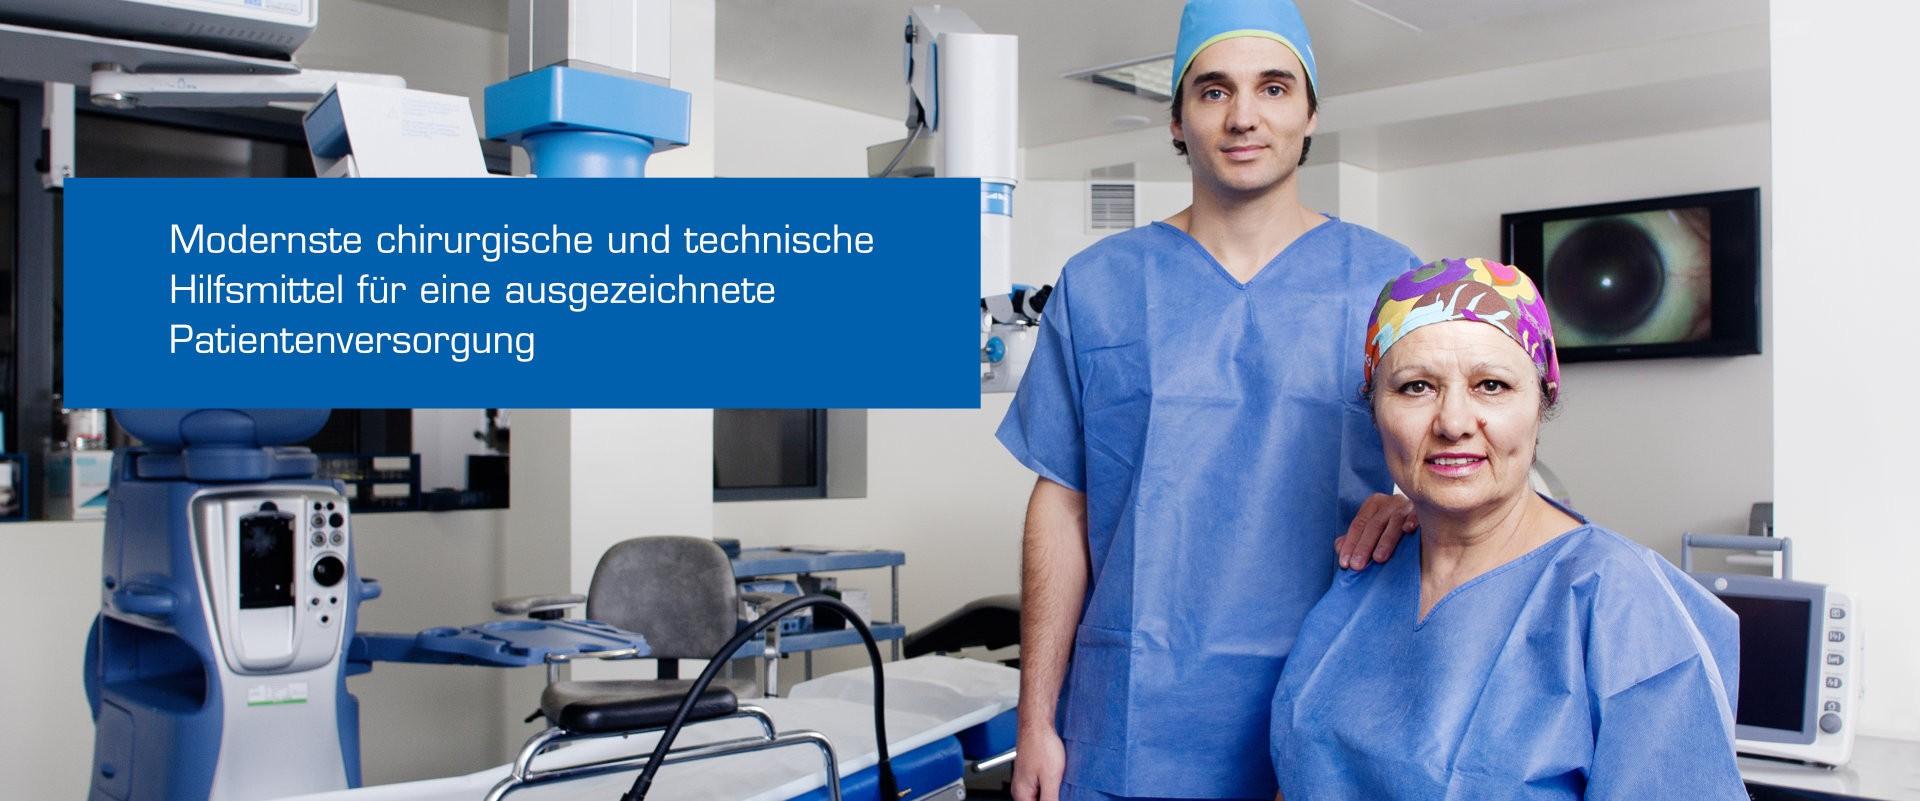 Modernste chirurgische